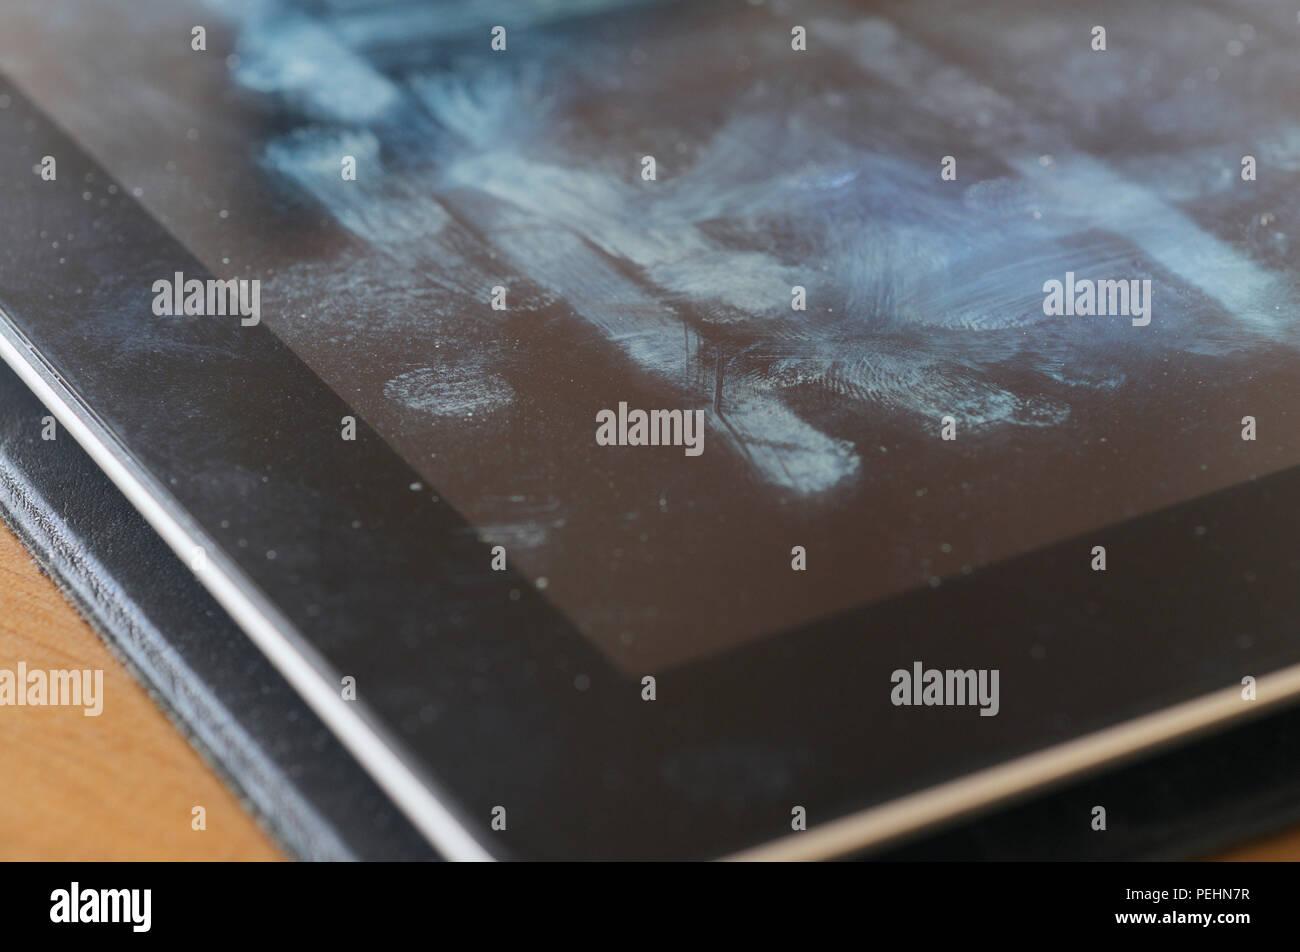 Tablette avec marques de saleté sur l'écran Photo Stock